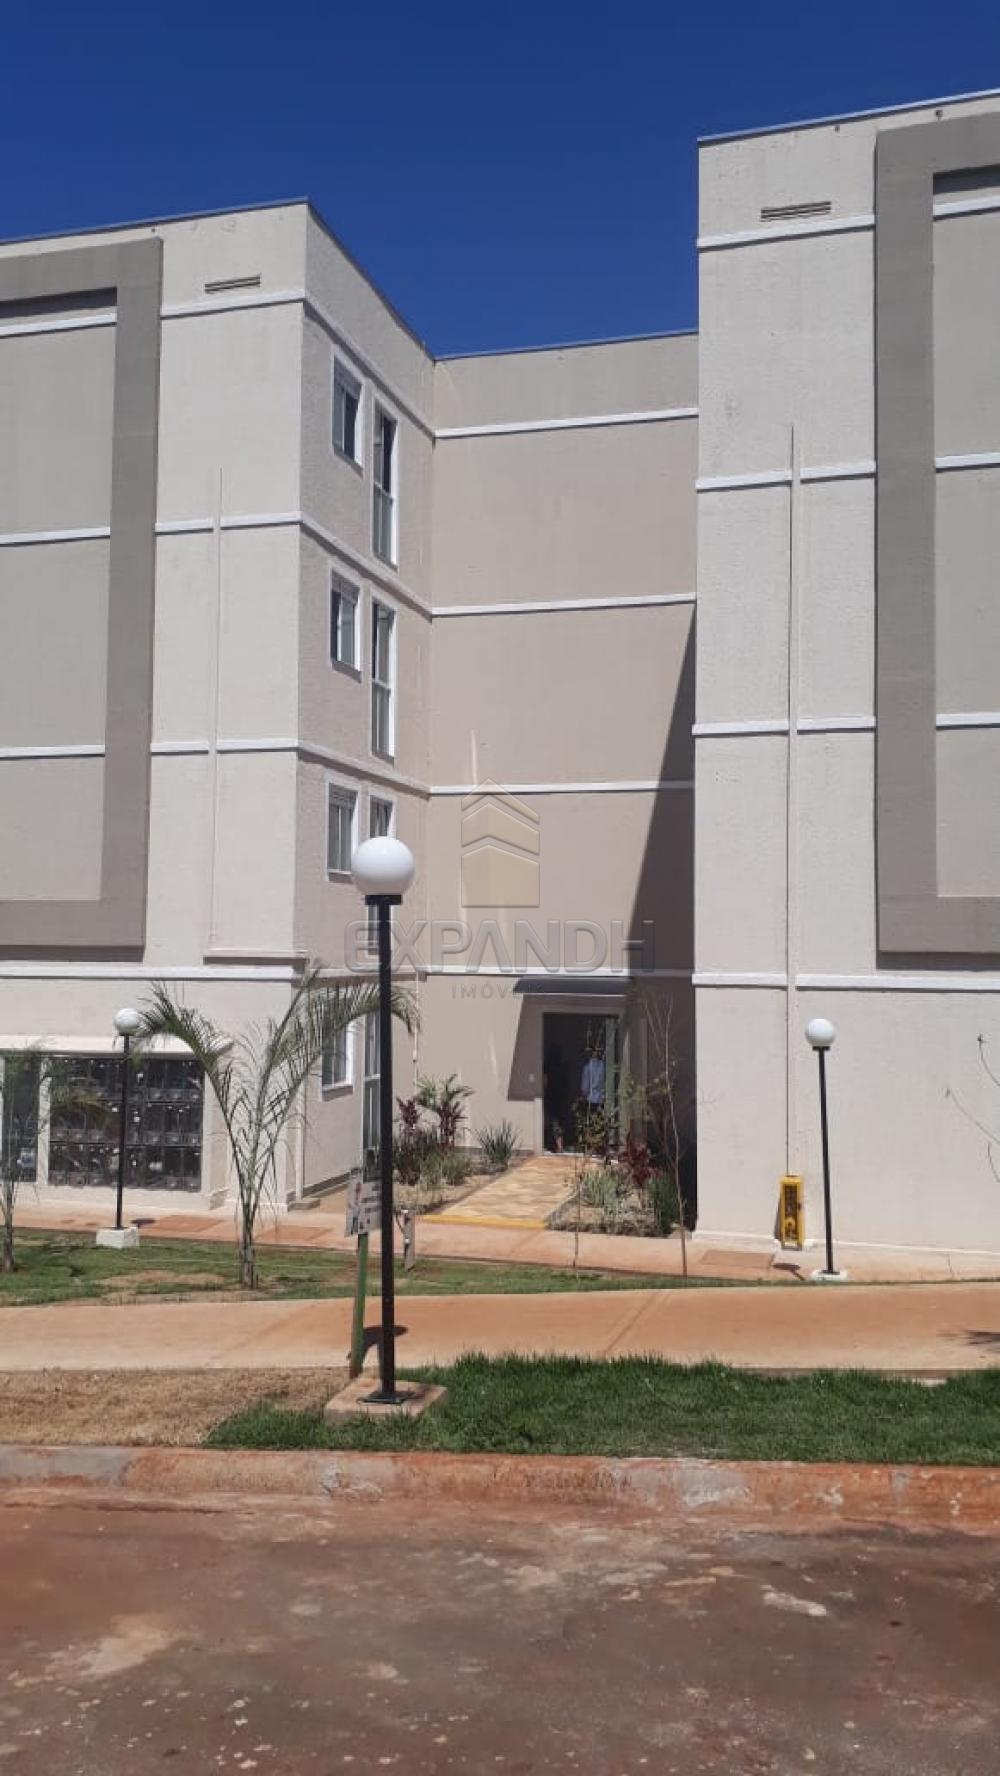 Comprar Apartamentos / Padrão em Sertãozinho apenas R$ 138.900,00 - Foto 12